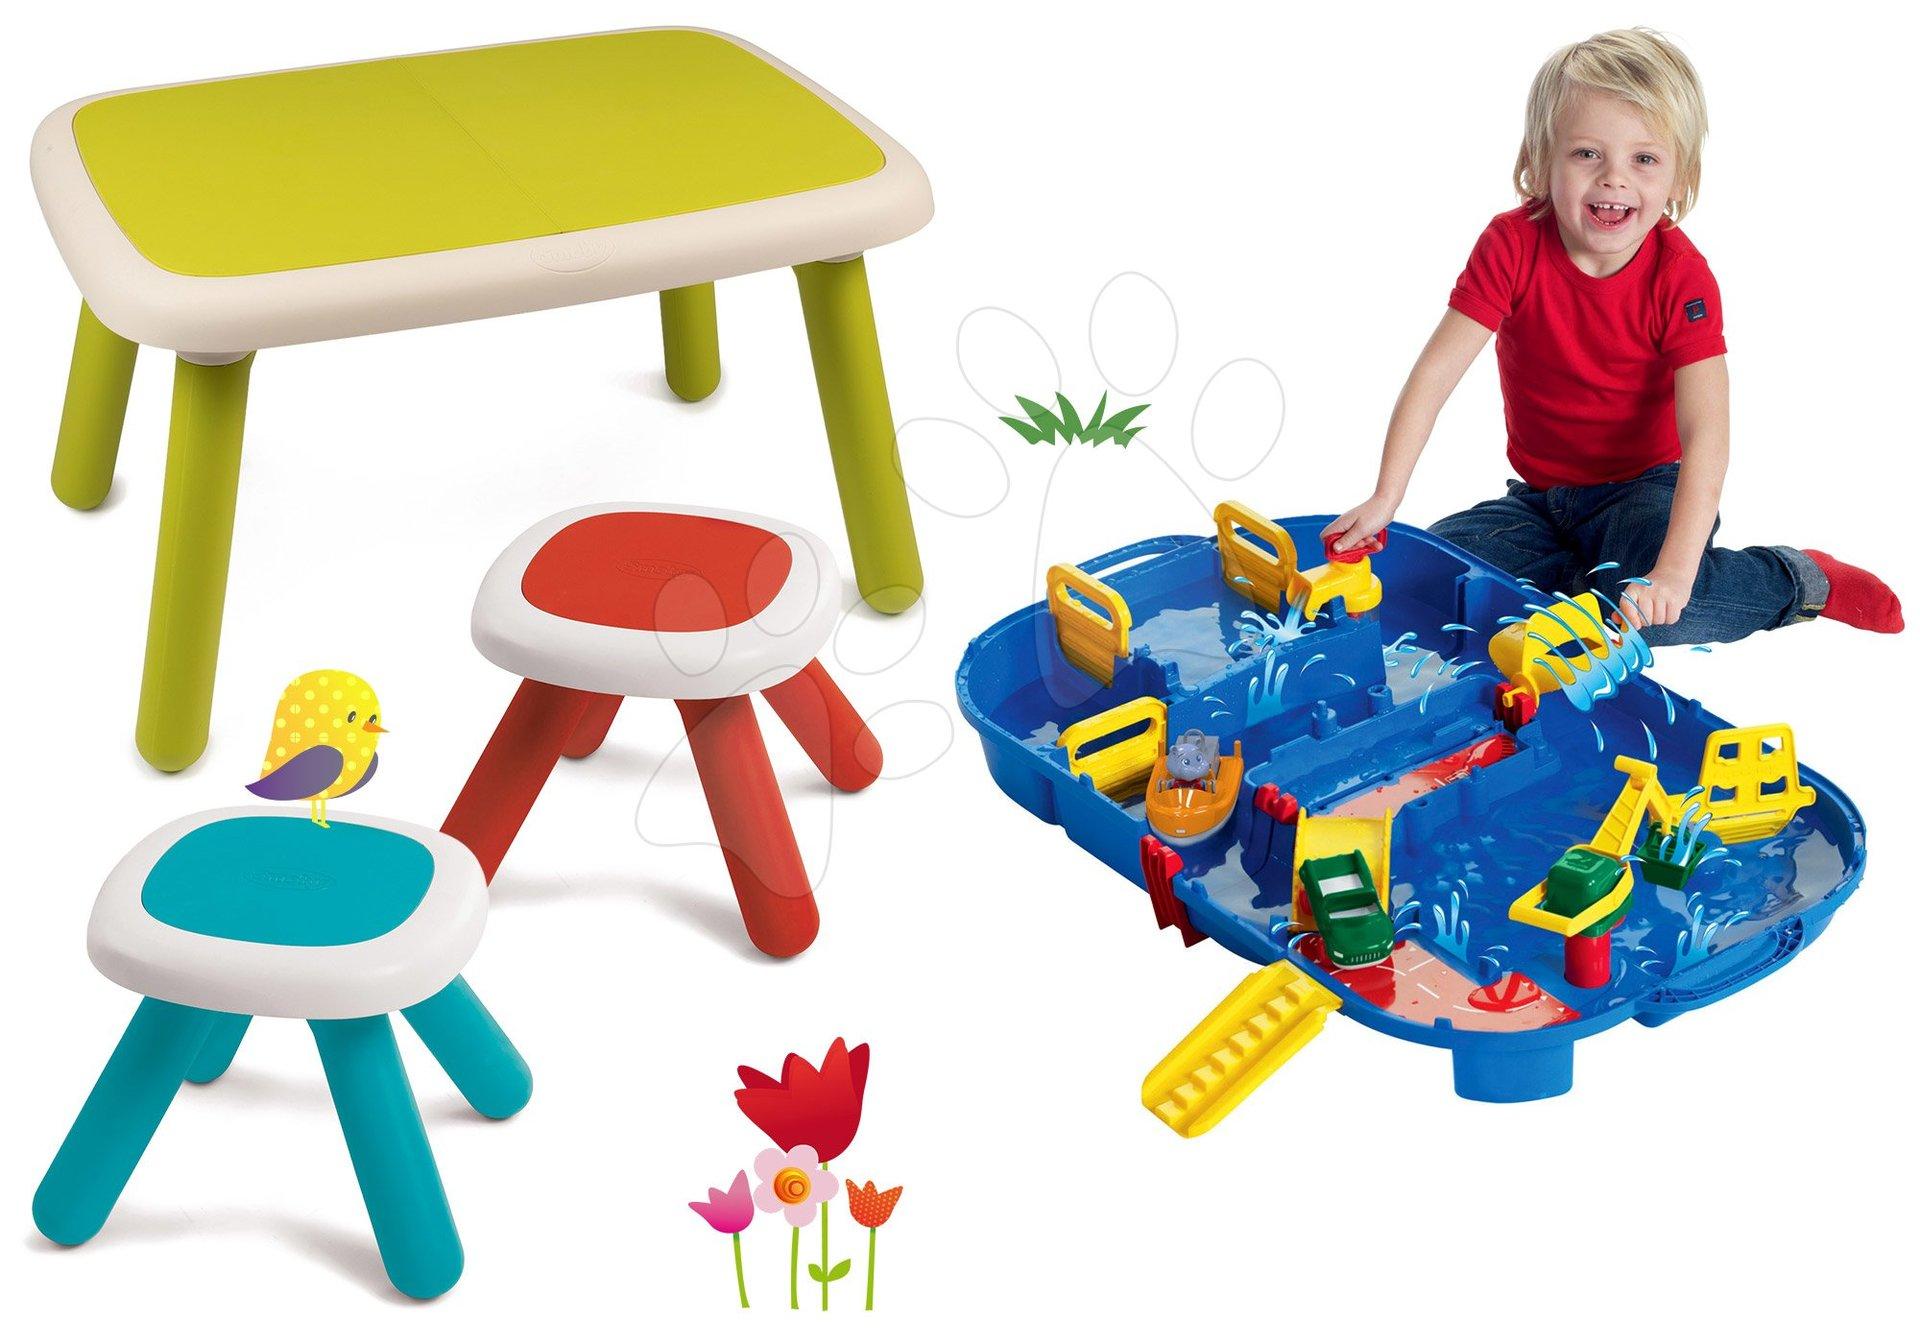 Set stôl pre deti KidTable zelený Smoby s dvoma stolčekmi a vodná dráha LockBox